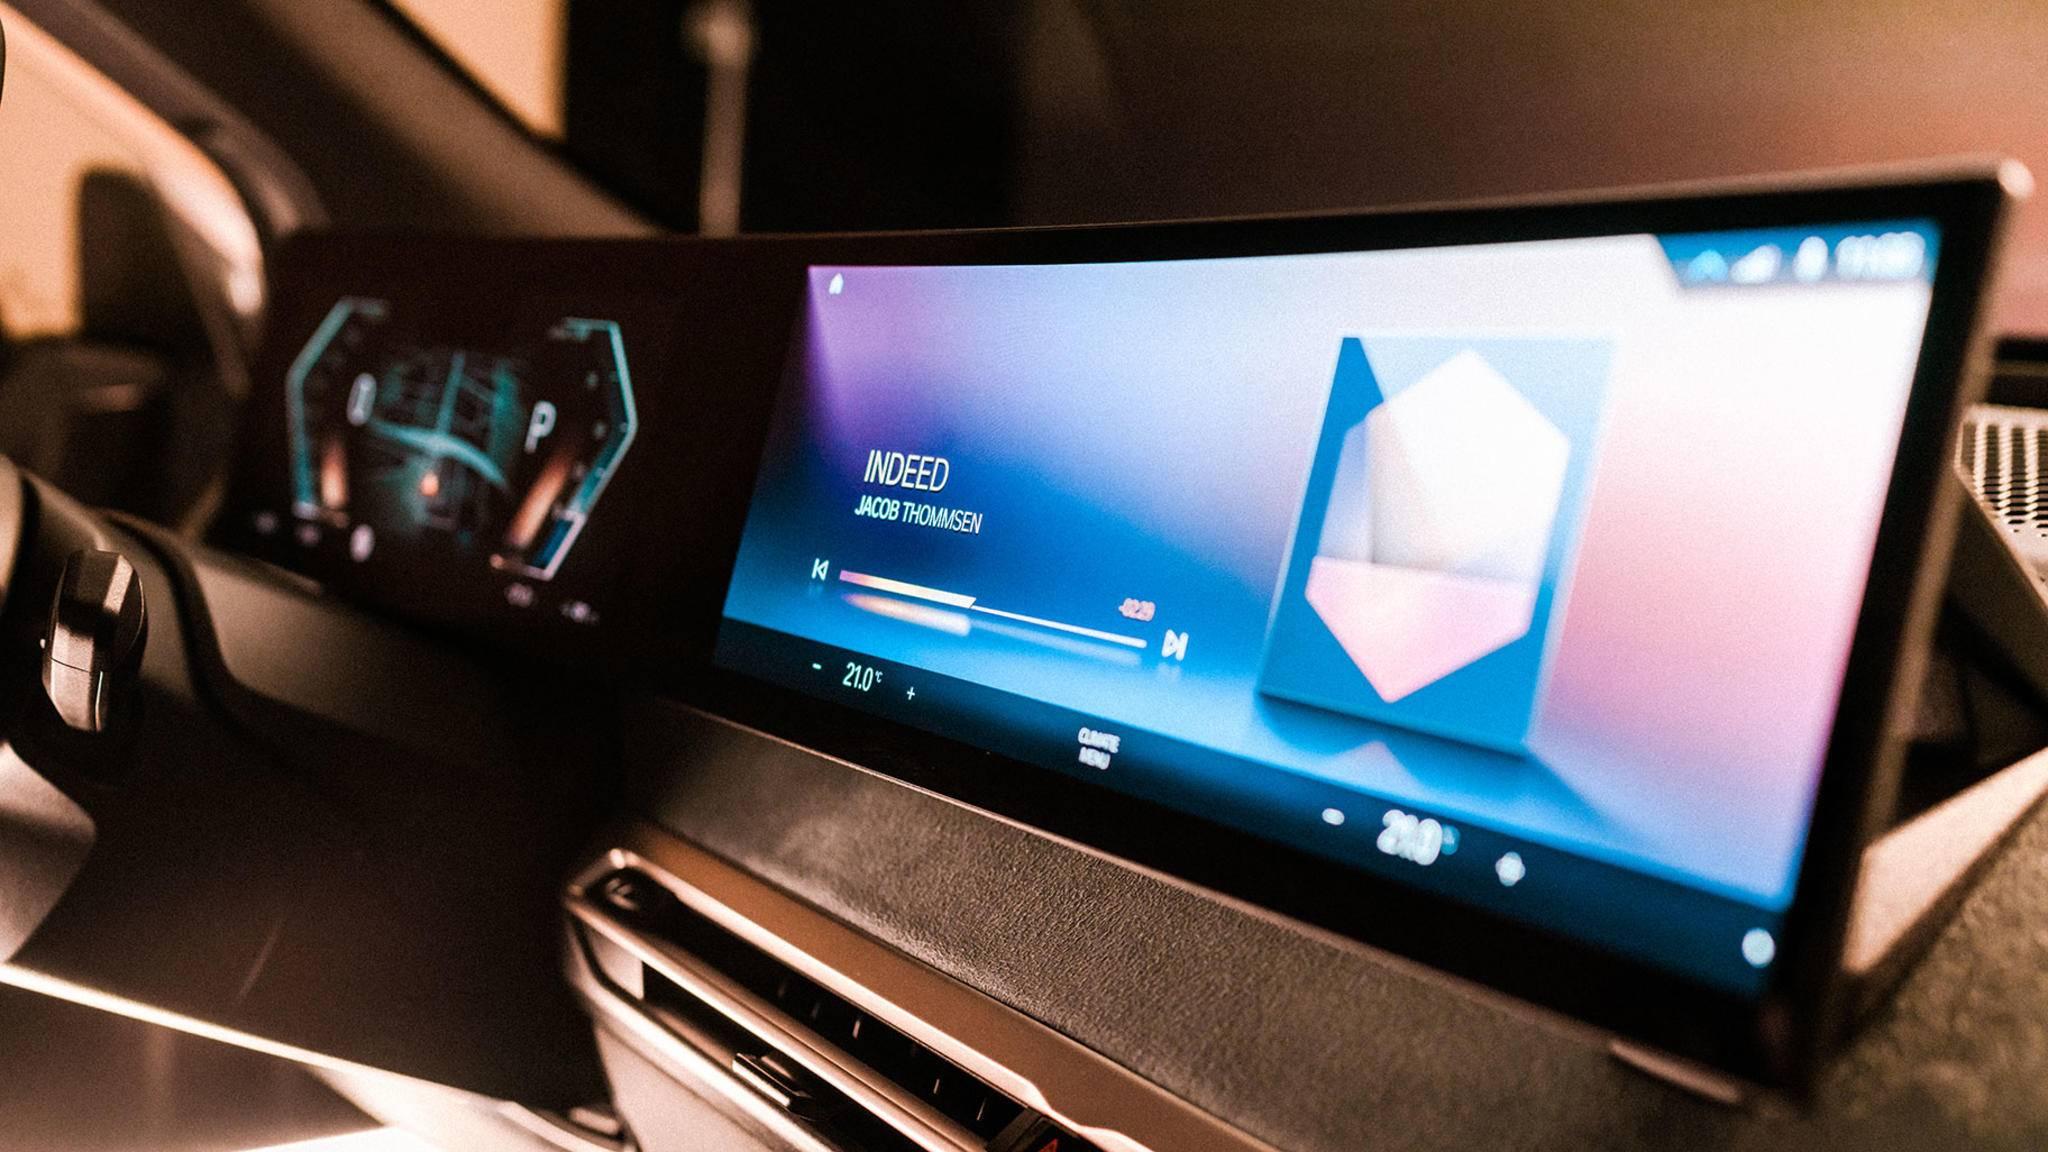 BMW-Fahrer können die Software ihres Fahrzeugs ganz einfach selbst aktualisieren.